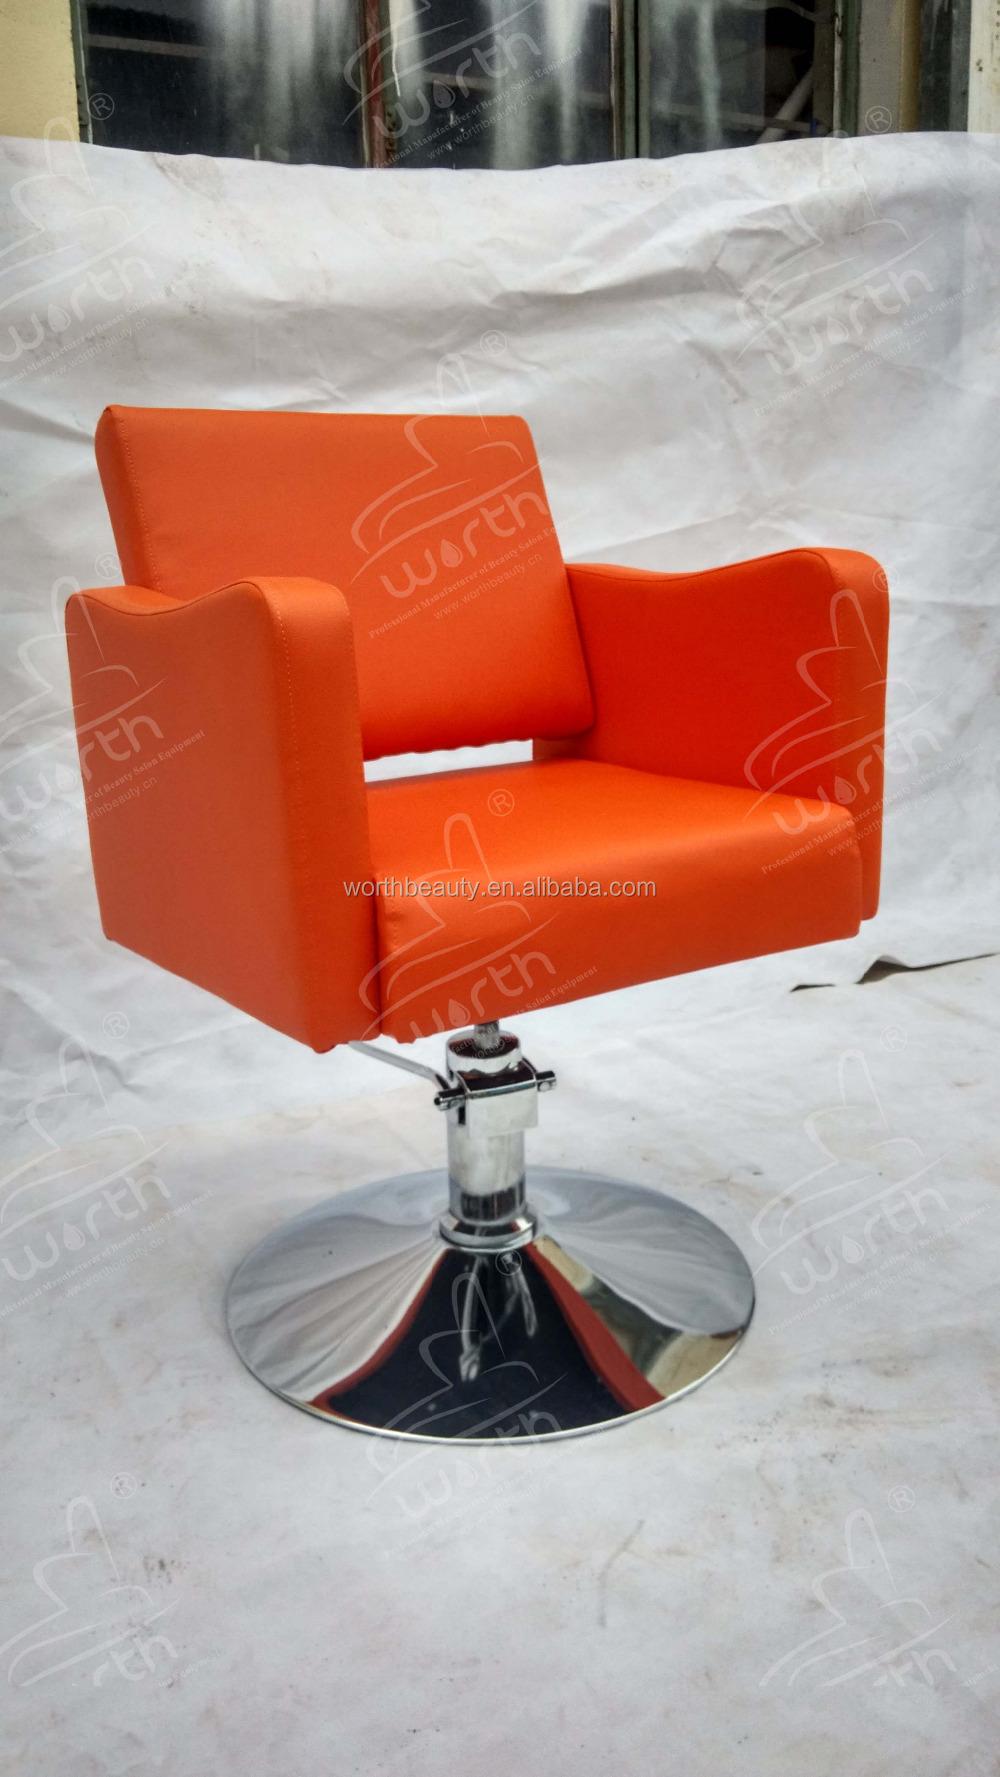 Hair salon barber chair on sale buy salon barber chair - Barber vs hair salon ...